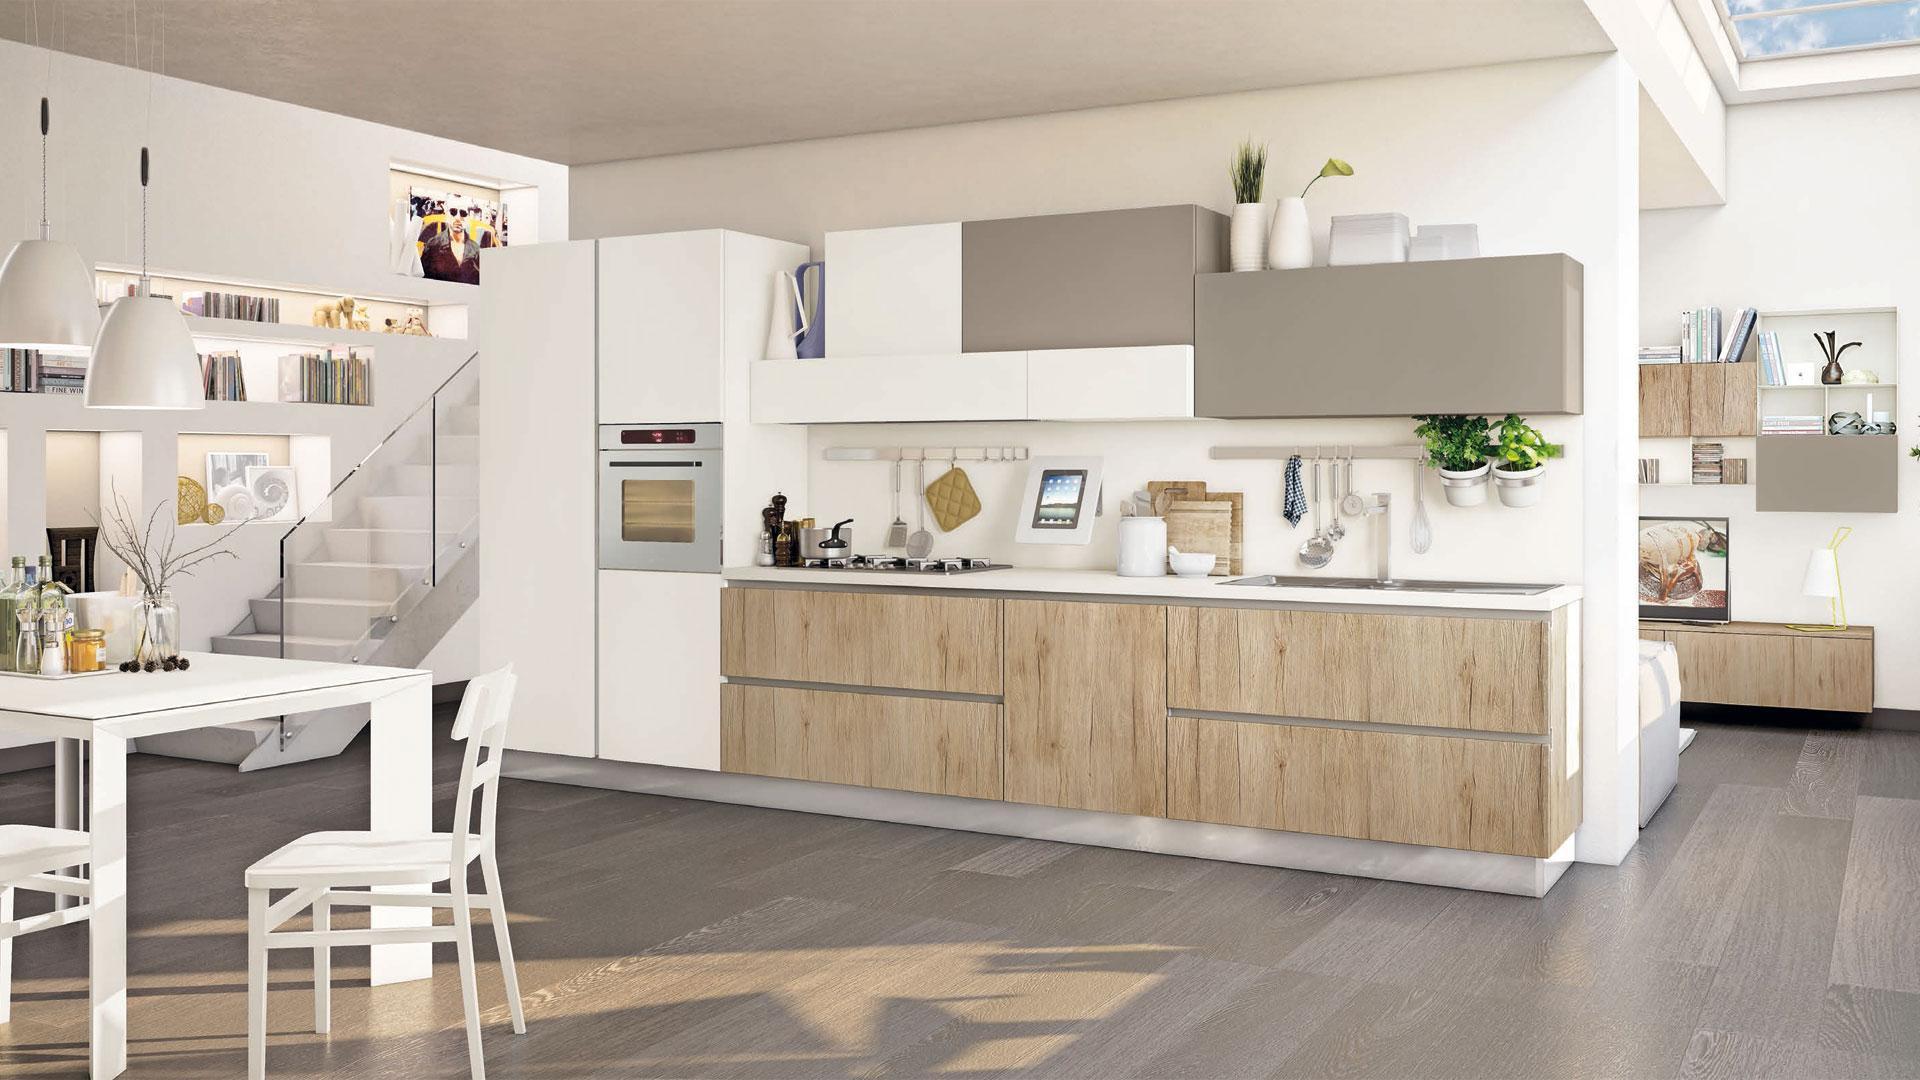 Kuchnia na jedną ścianę sprawdzi się w otwartym wnętrzu o jednolitej kolorystyce. Fot. Lube